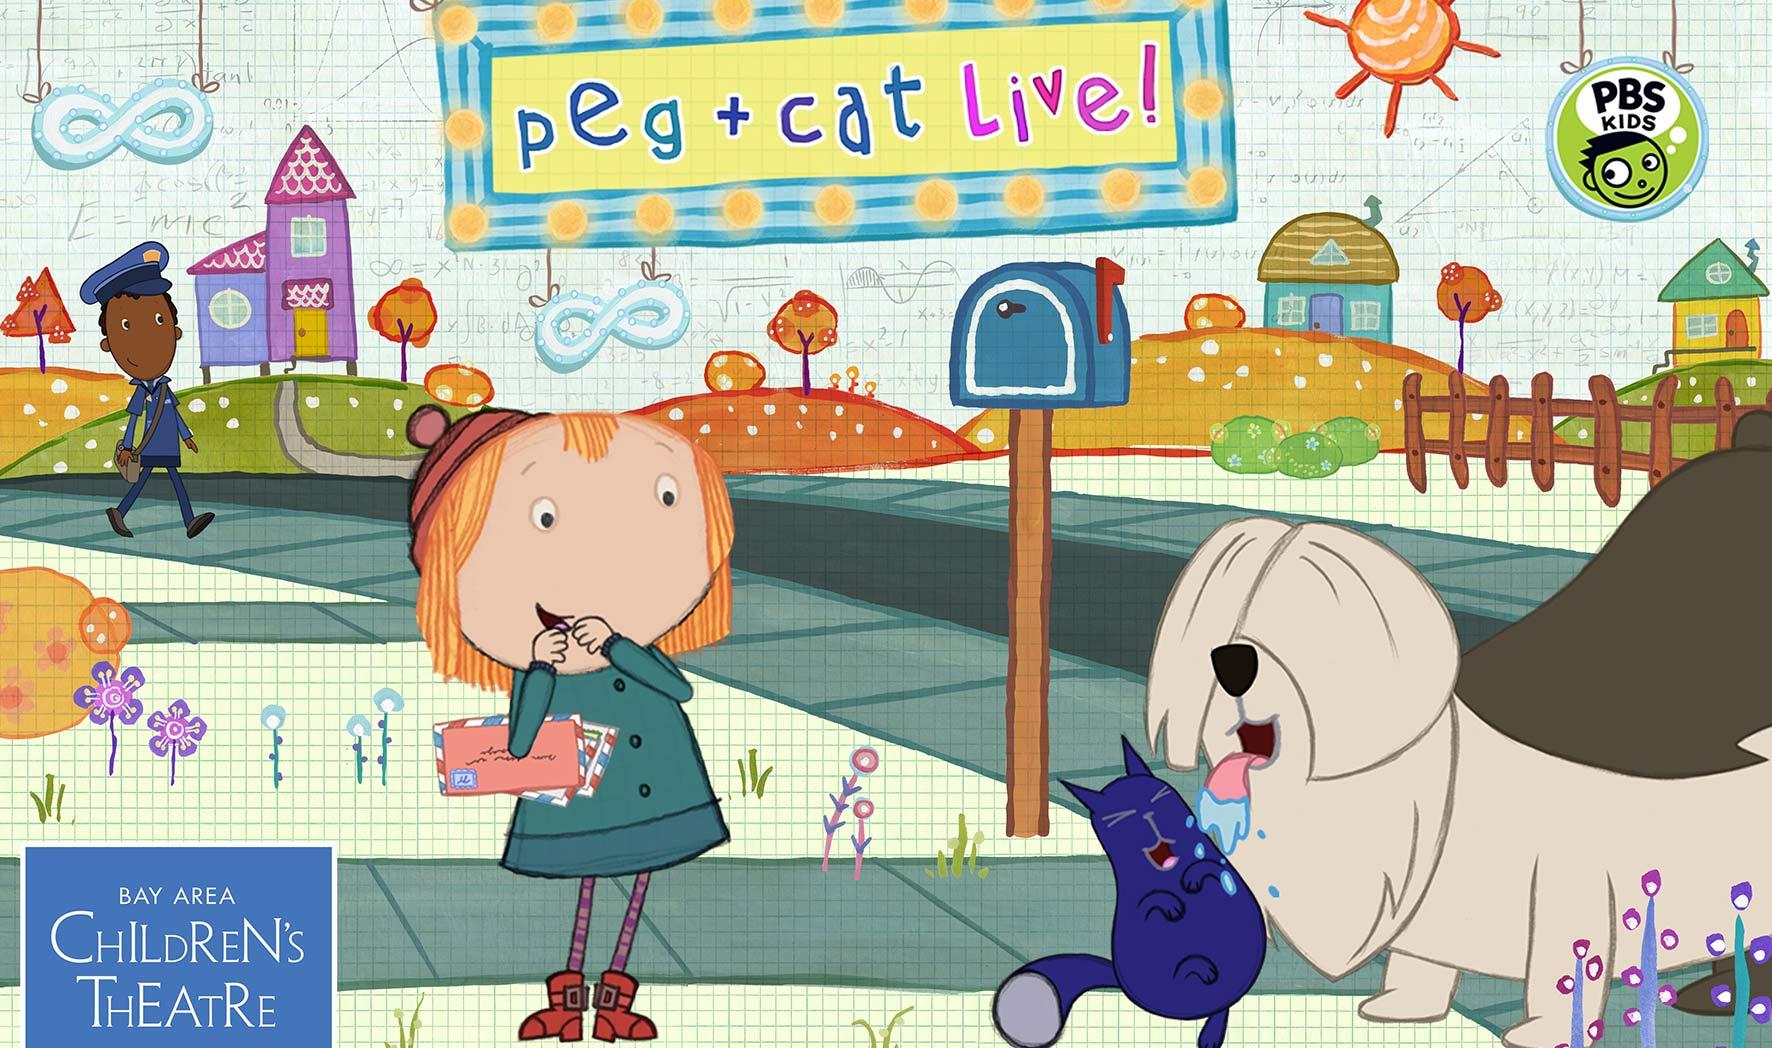 PEG + CAT LIVE!